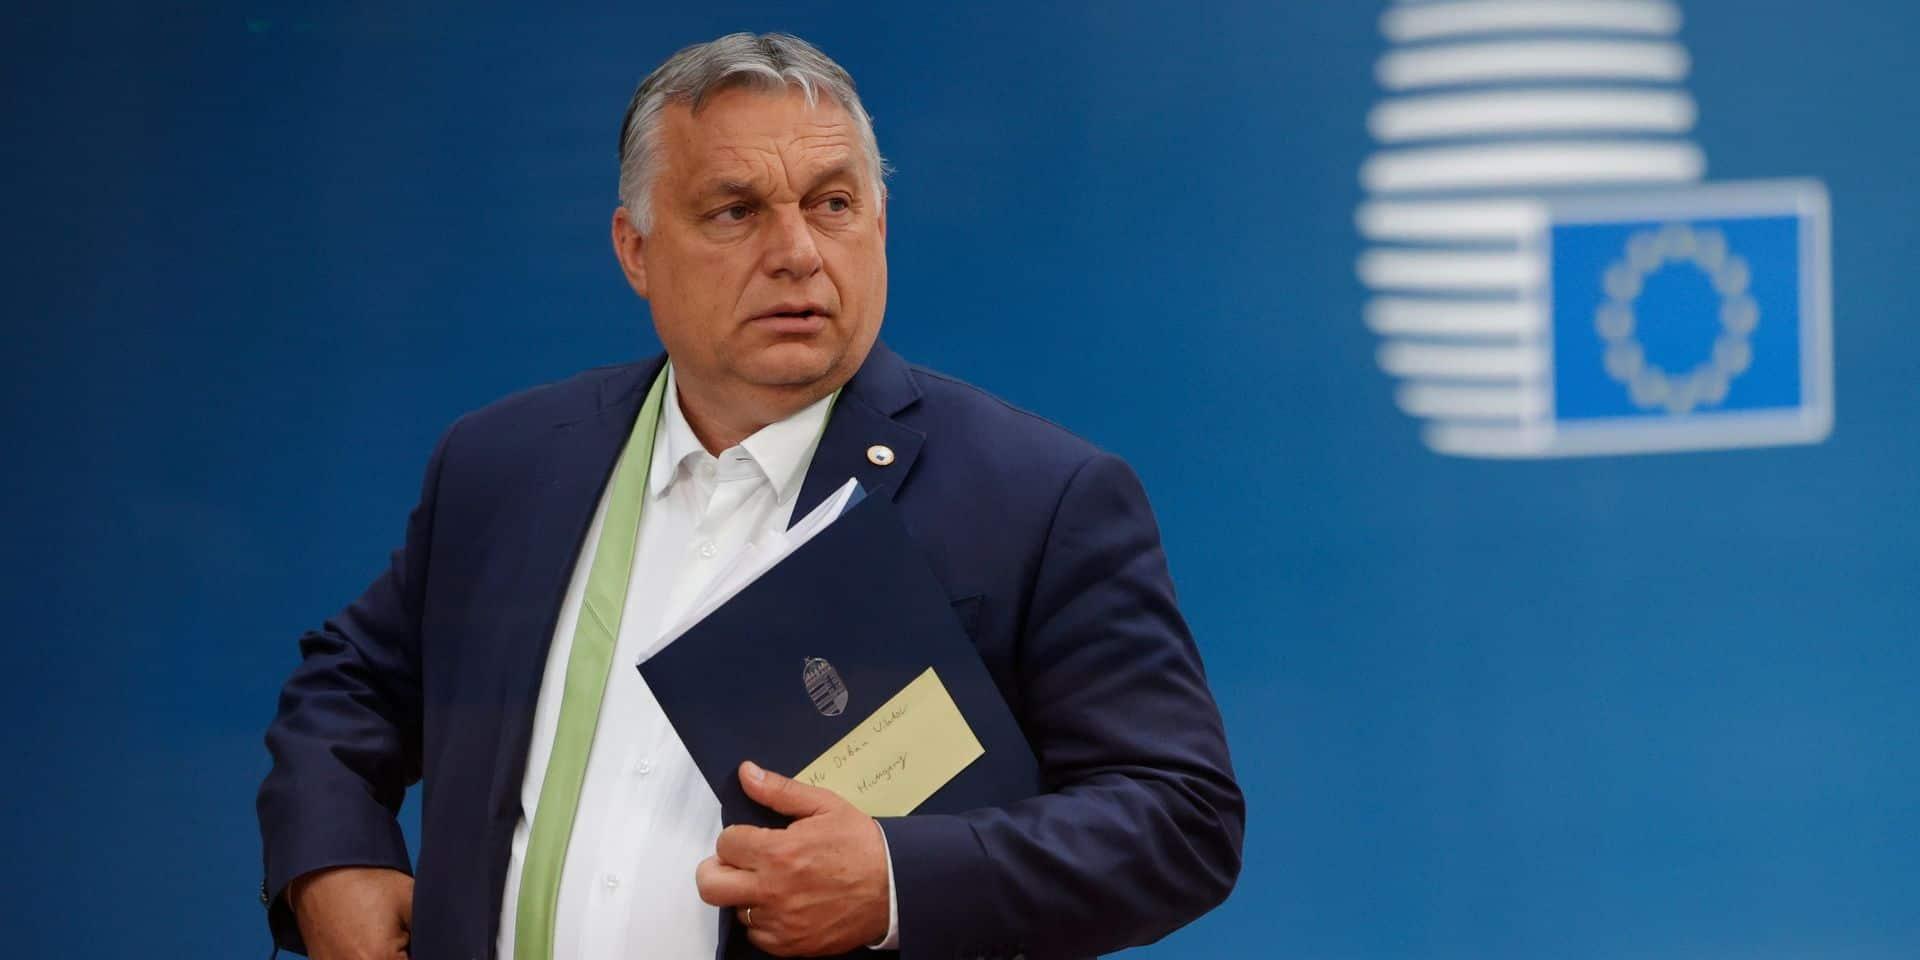 Loi anti LGBTQI+ en Hongrie : Viktor Orban convoque un référendum sur la question